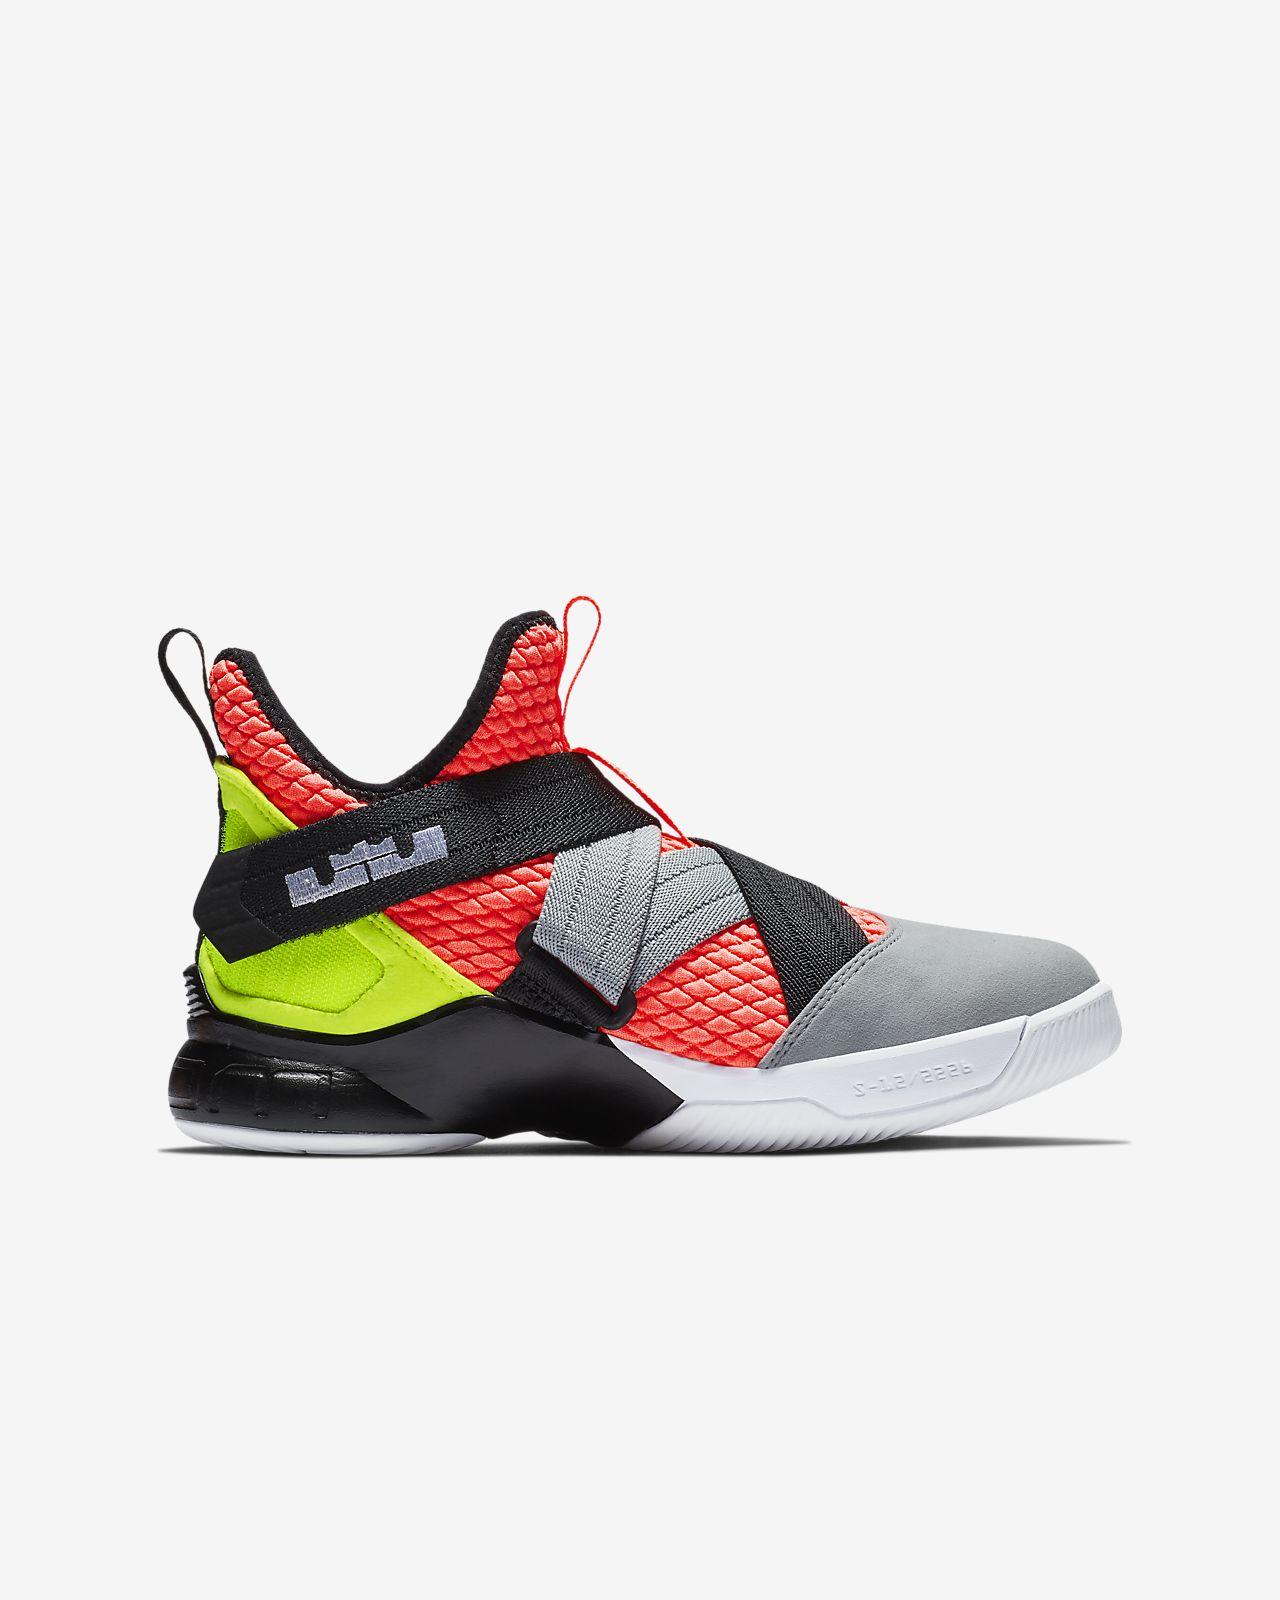 big sale a810f a977e ... LeBron Soldier 12 SFG Big Kids  Basketball Shoe